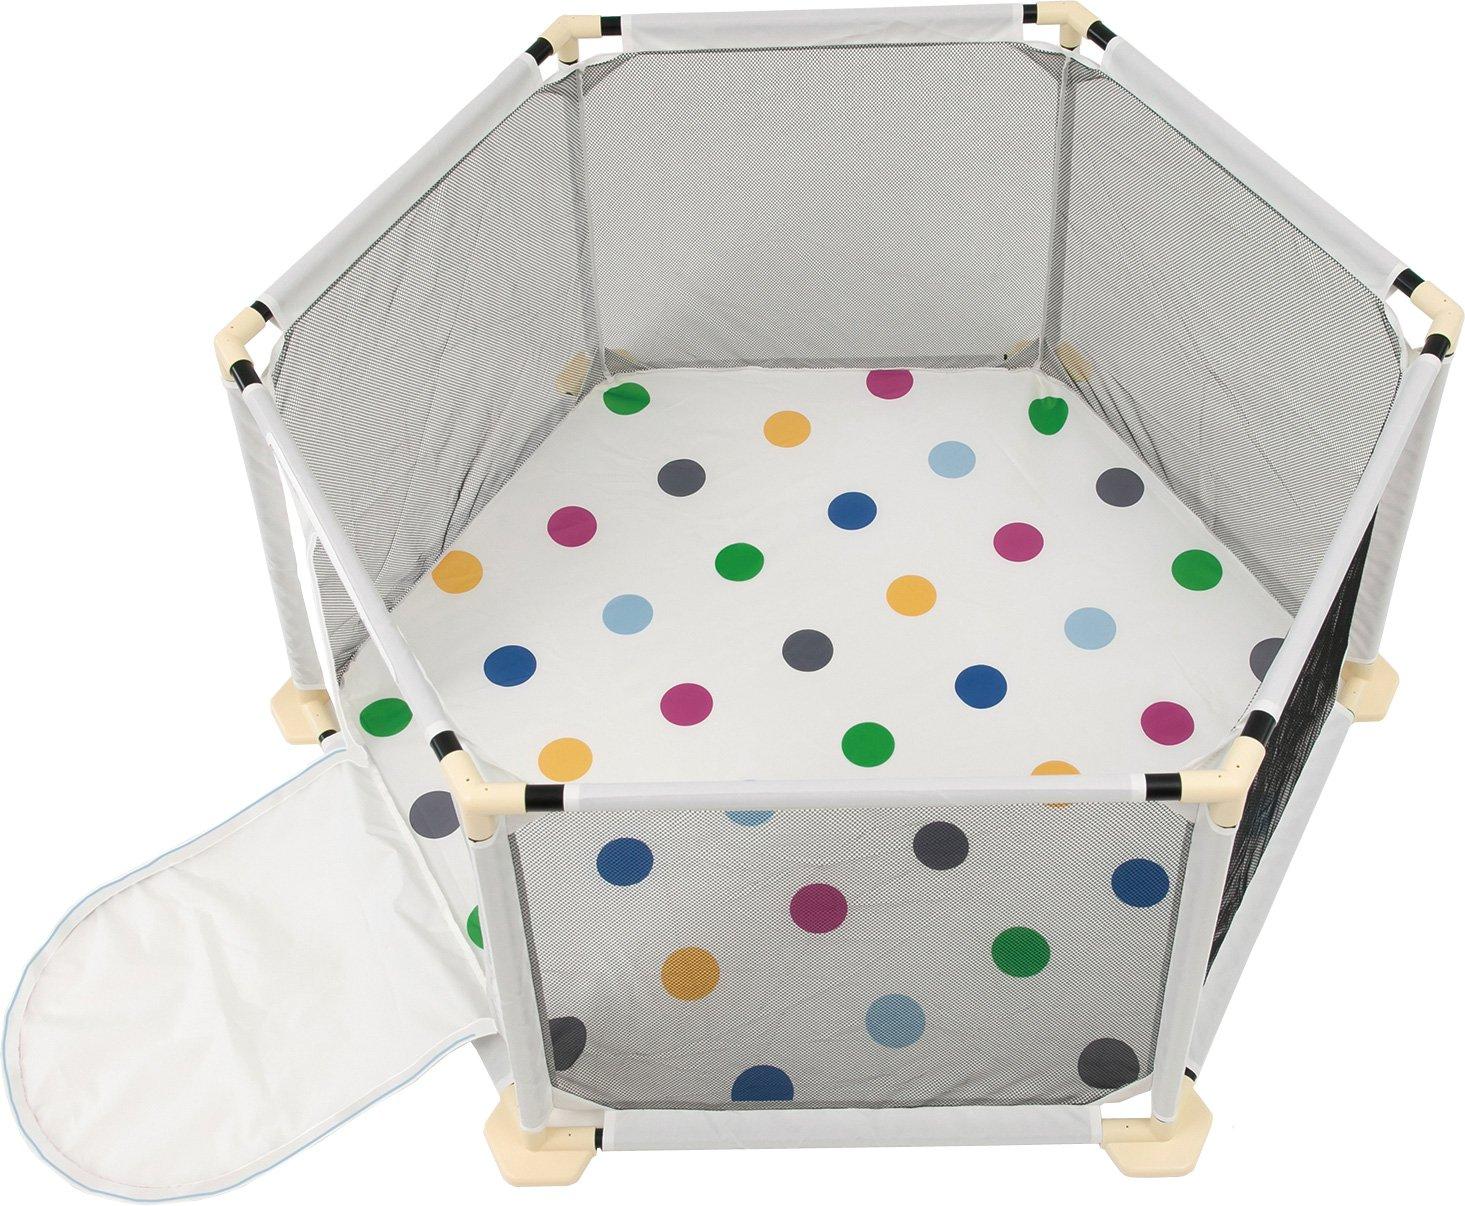 驚きの値段で ベルニコ ベルニコ Vita 組み立て簡単 組み立て簡単 B01M1CF8GE おうちで洗えるやわらかサークル B01M1CF8GE, mokomoko神戸:8a5f09e8 --- impavidostudio.com